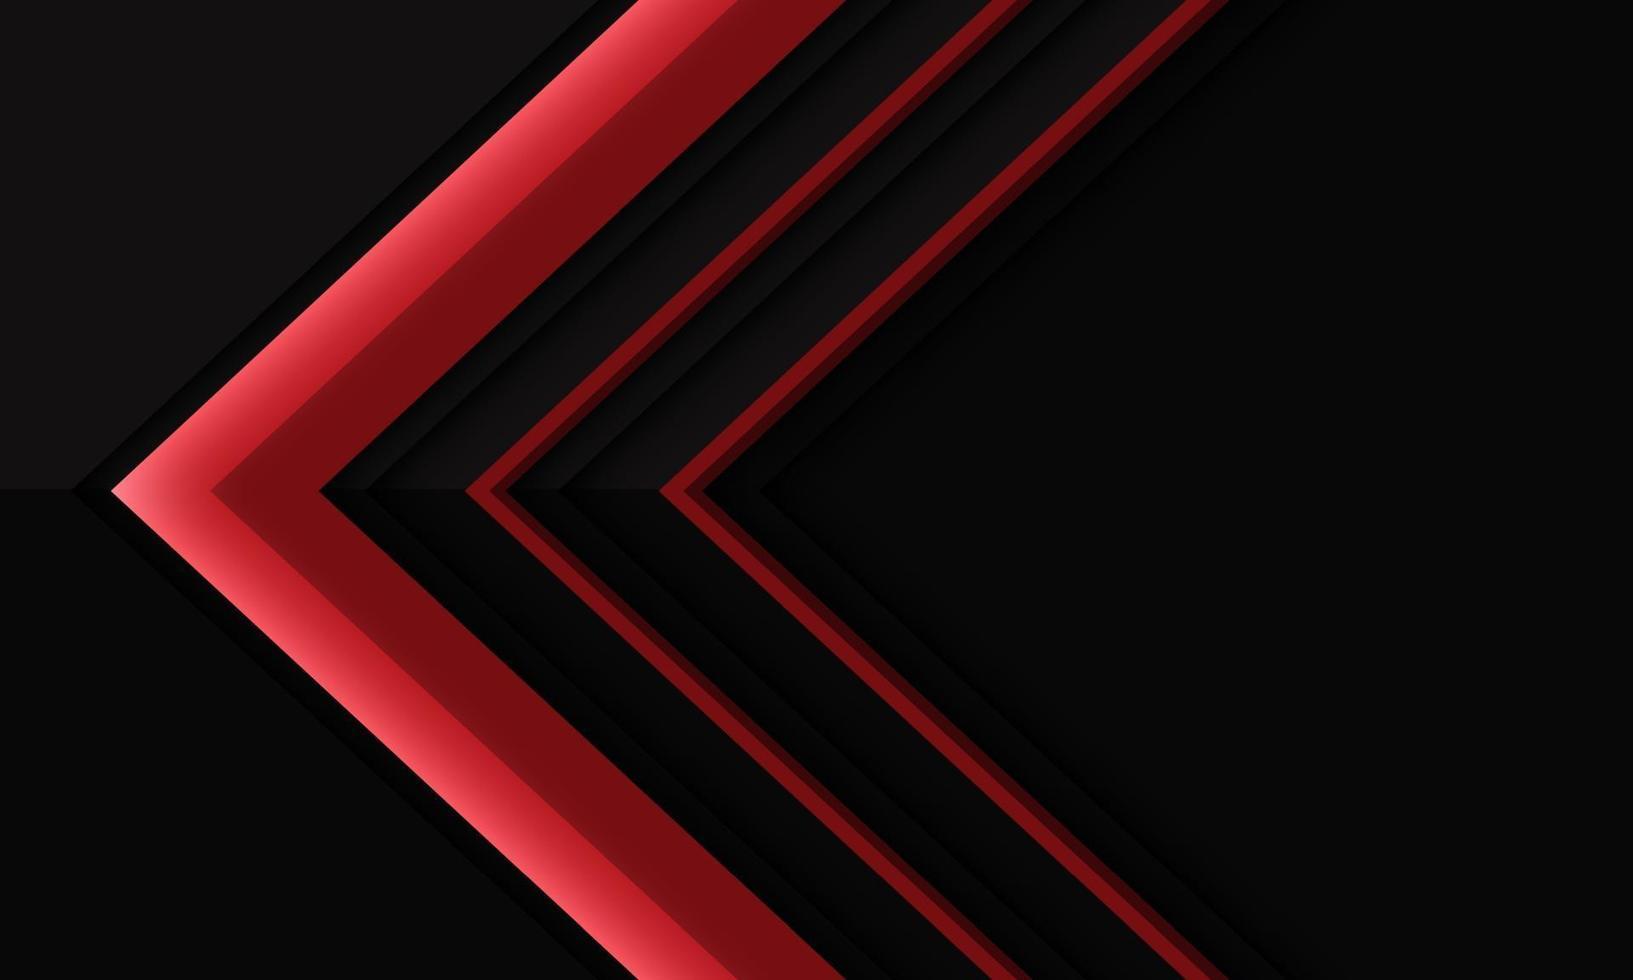 Dirección de la flecha roja abstracta en la sombra metálica negra con el ejemplo del vector del fondo futurista moderno del diseño del espacio en blanco.